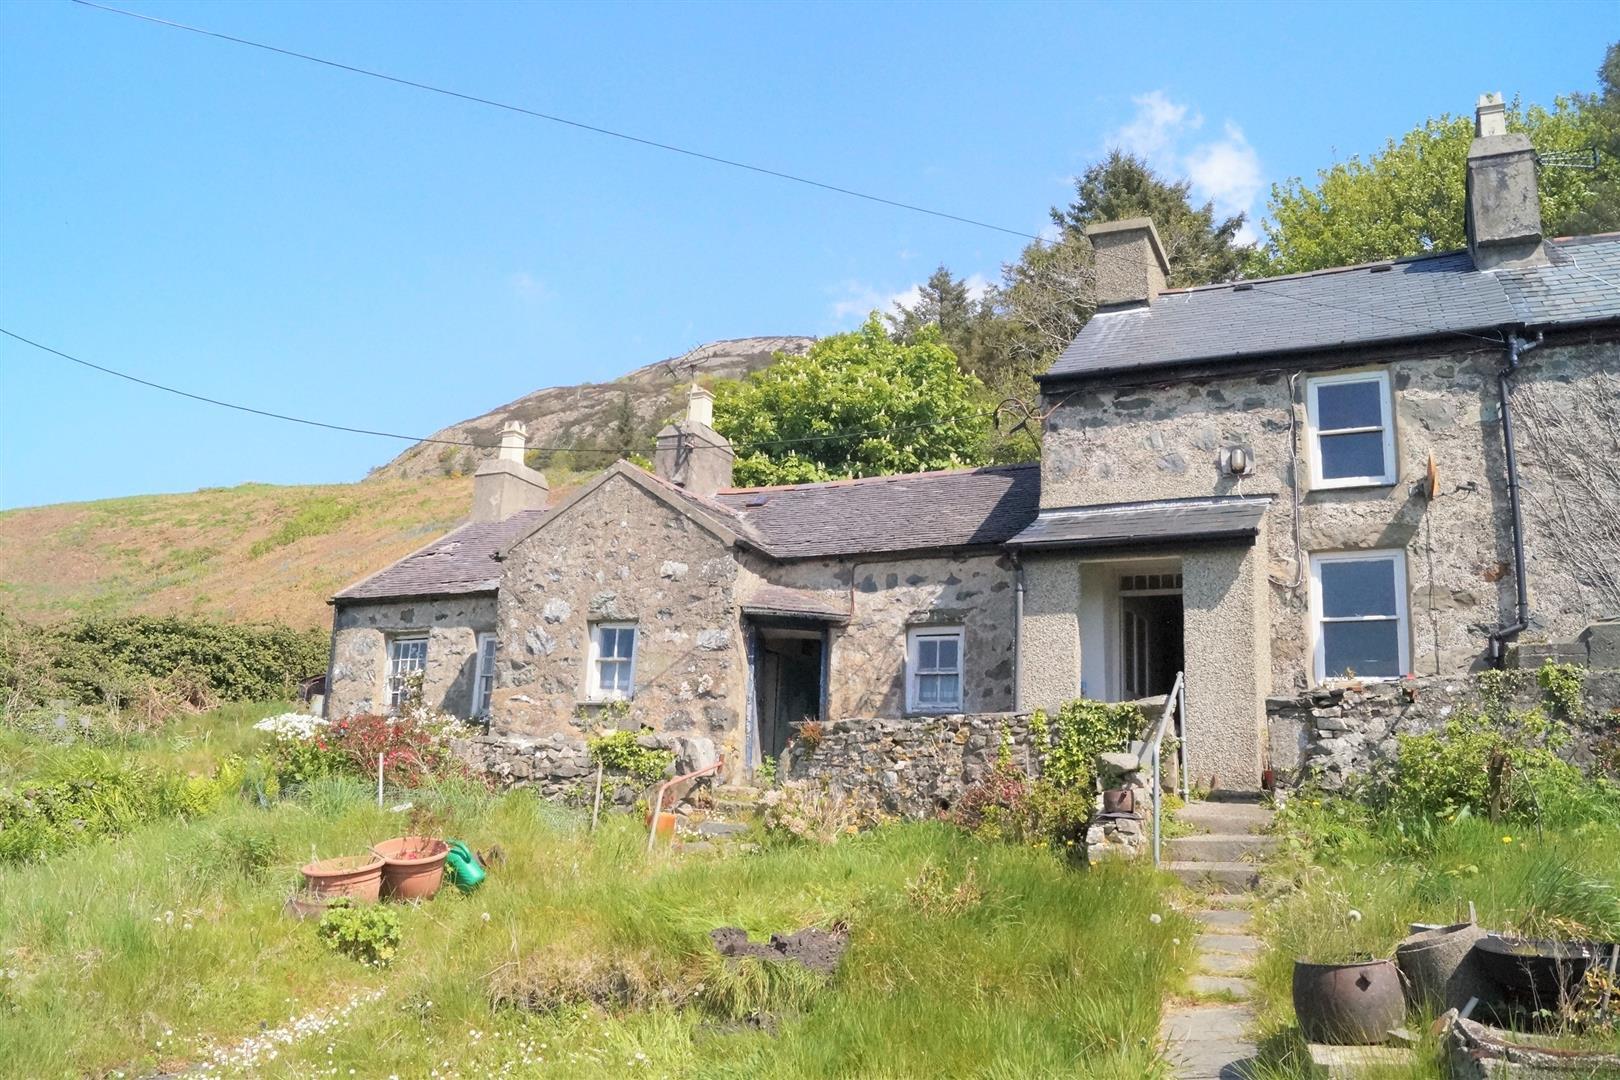 Boduan, Pwllheli - £140,000/Informal tender